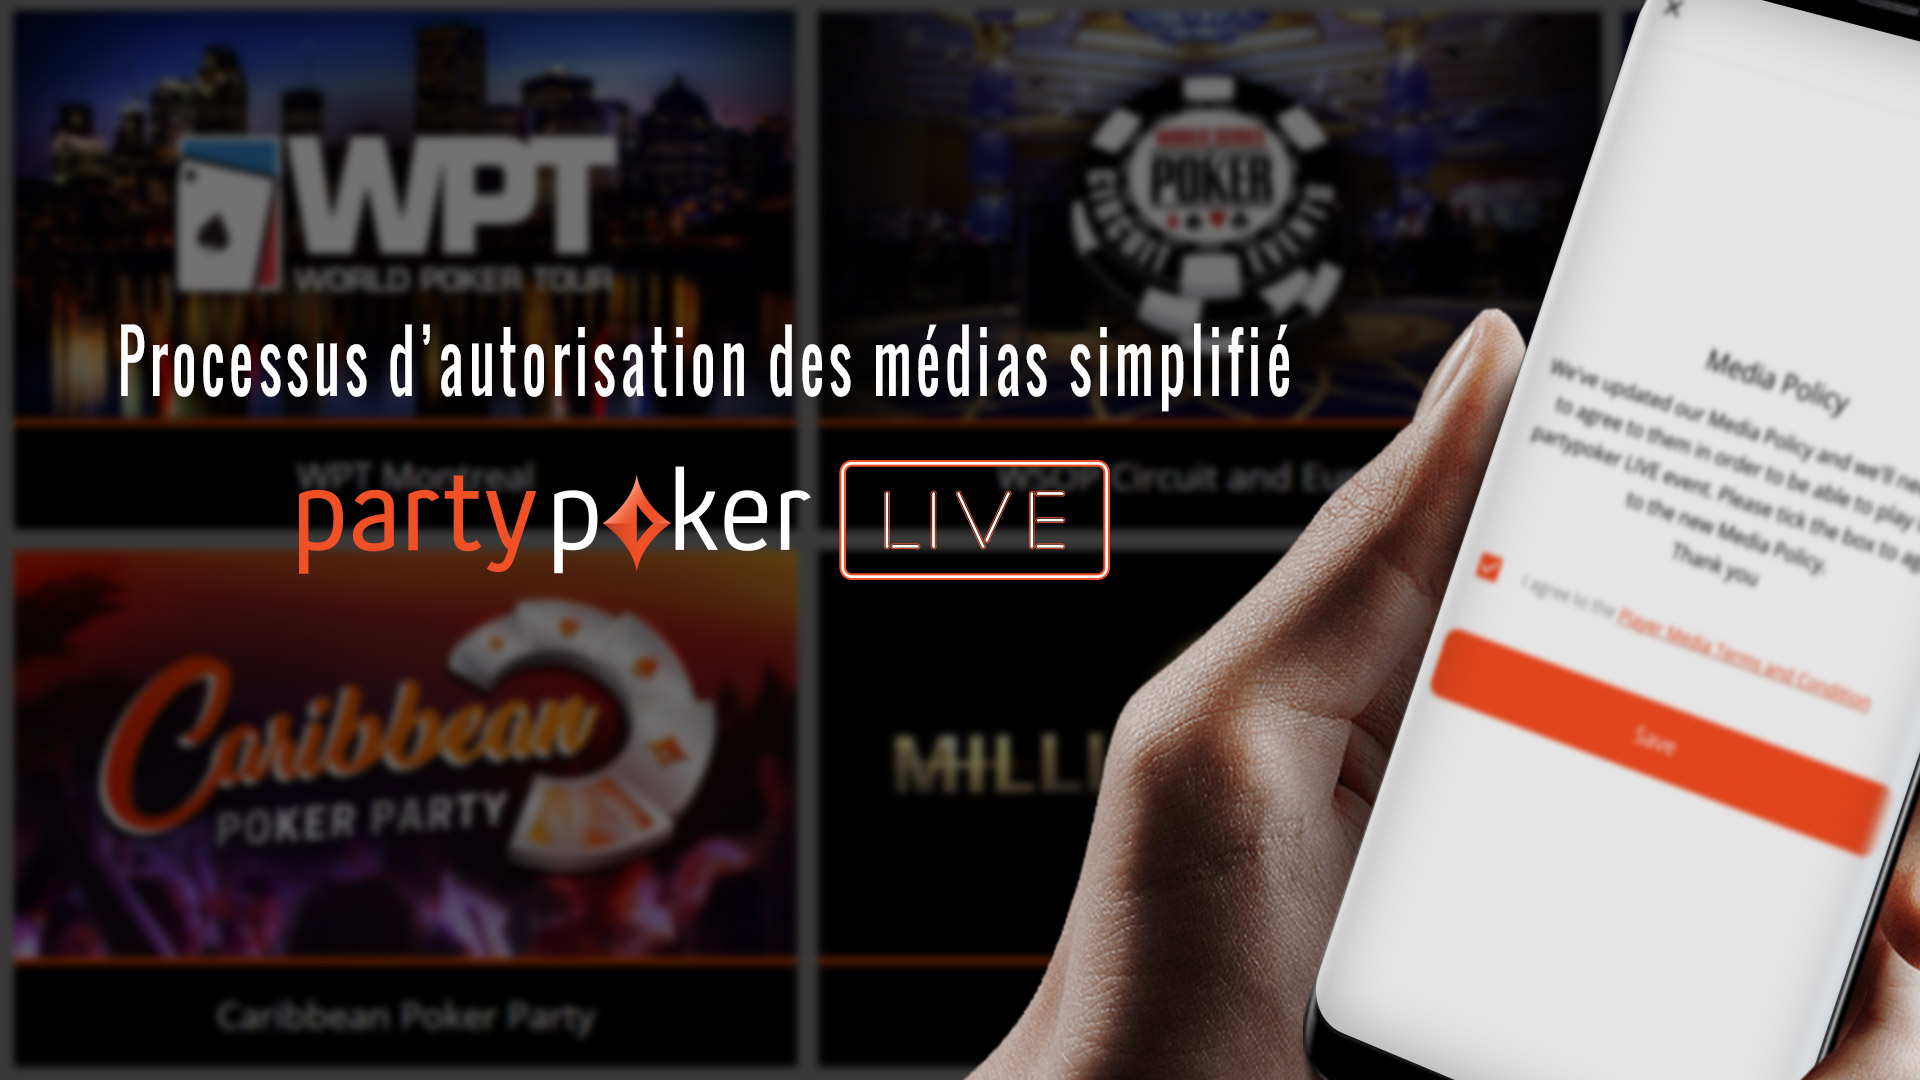 Processus d'autorisation des médias simplifié pour les évènements partypoker LIVE